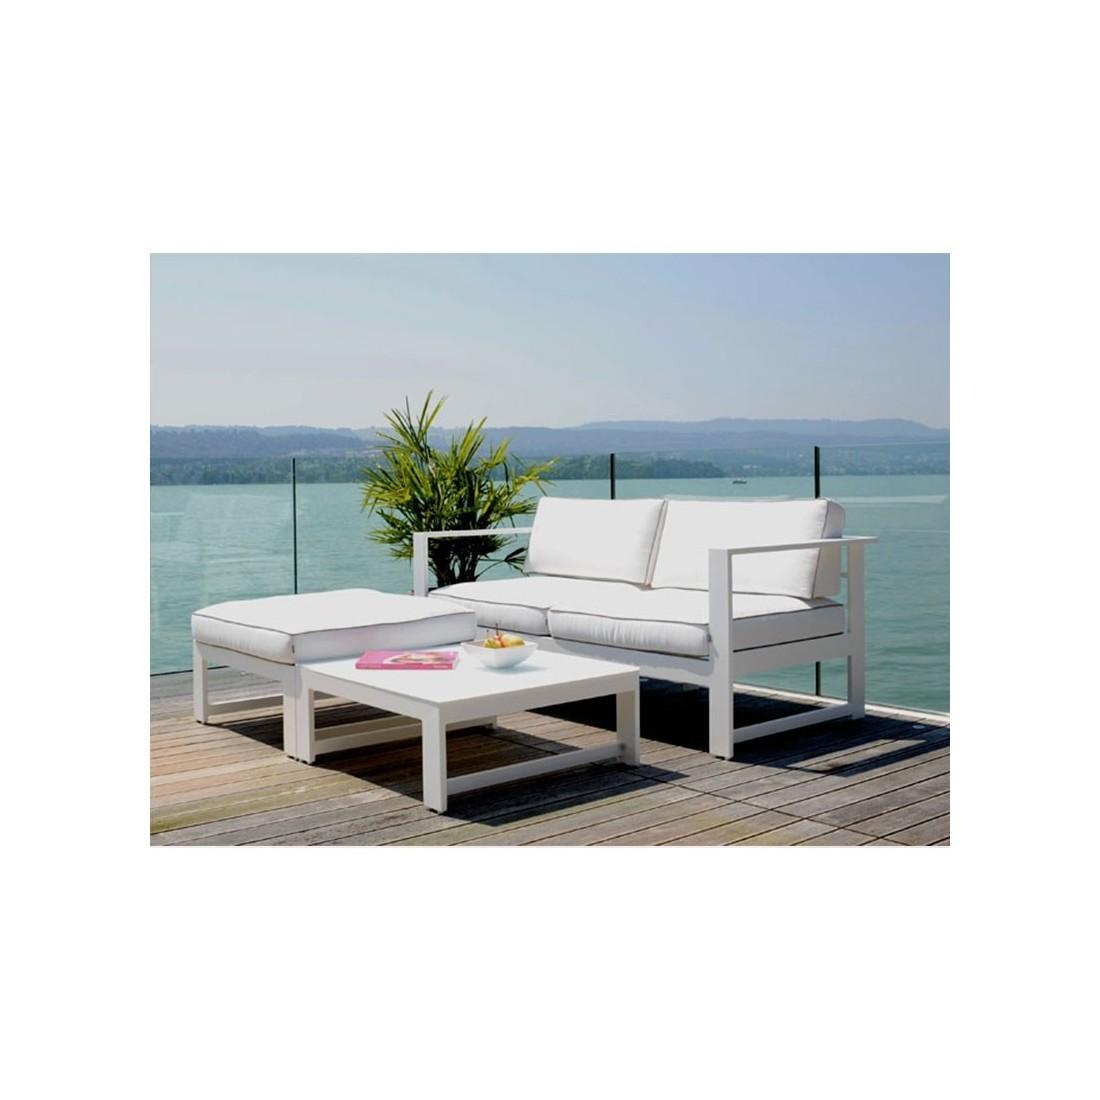 Emejing Salon De Jardin Lounge Linea Images - House Design ...